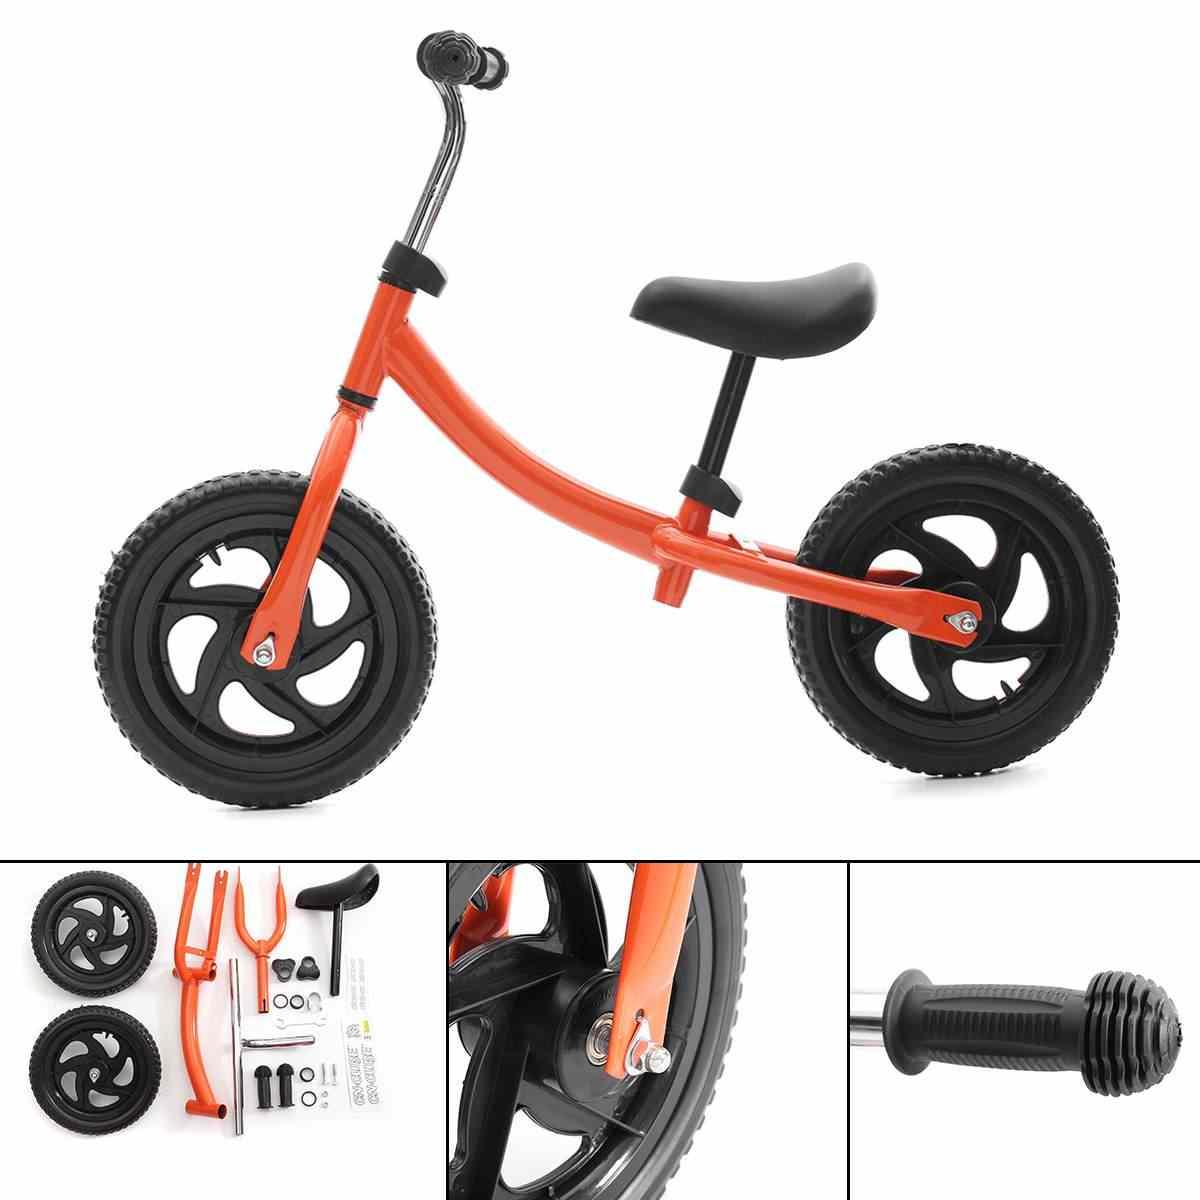 """12 """"調節可能な子供バランスバイクスクーター幼児子供バランス自転車子供ベビートレーニングウォーカーサイクリング乗馬自転車"""